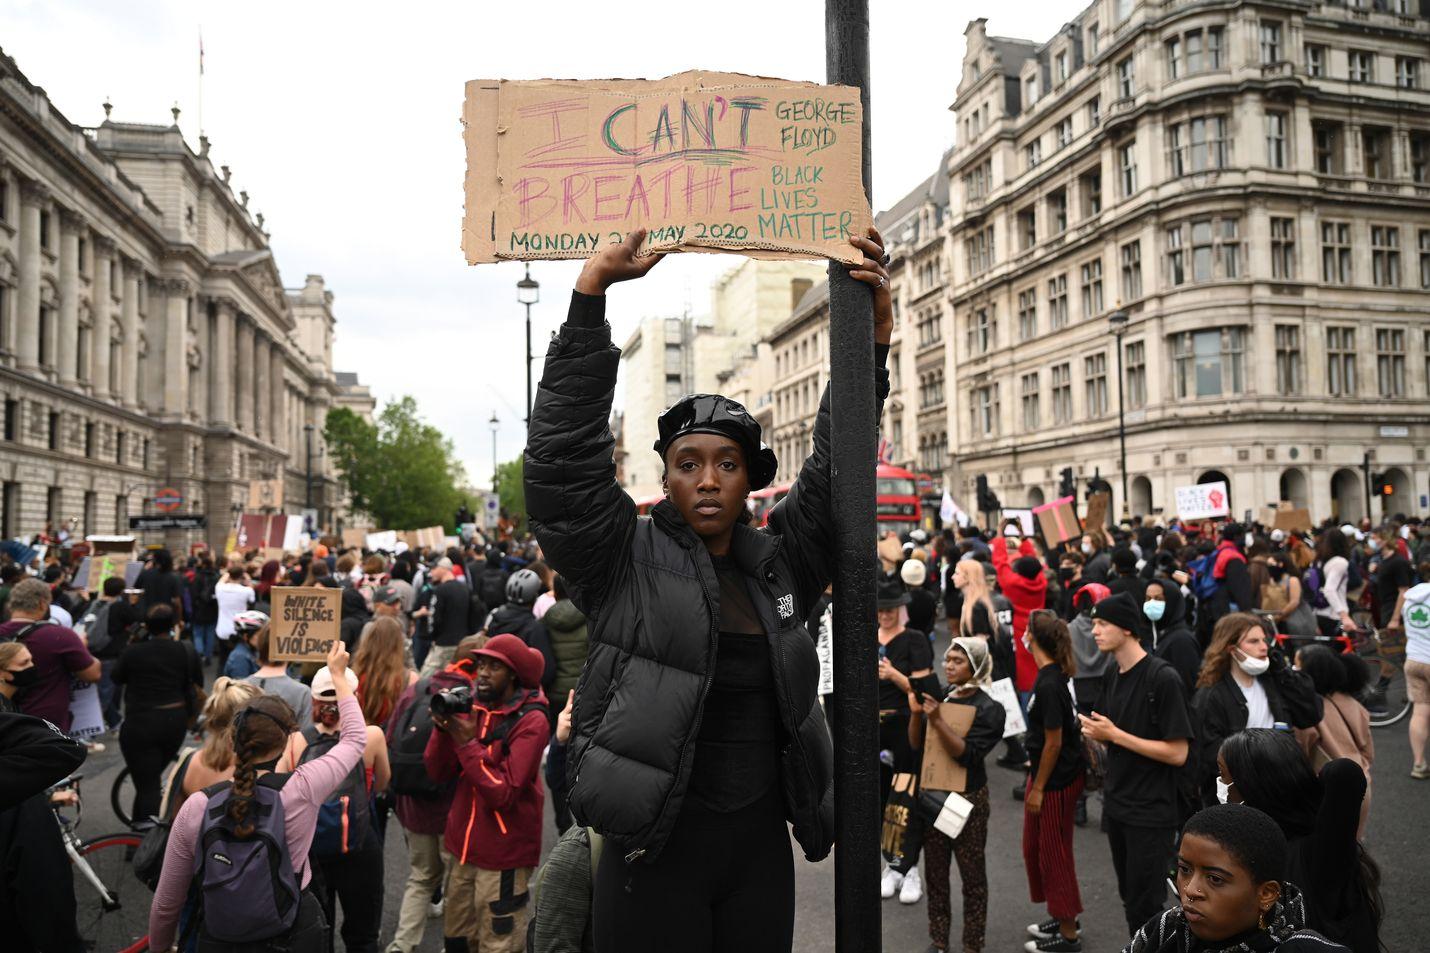 """Mielenosoittajat kokoontuivat Lontooseen muistamaan Minneapolisissa Yhdysvalloissa poliisin surmaamaa George Floydia. Kyltissä luki """"en saa henkeä"""" - sanat, jotka Floyd sanoi ennen kuolemaansa."""